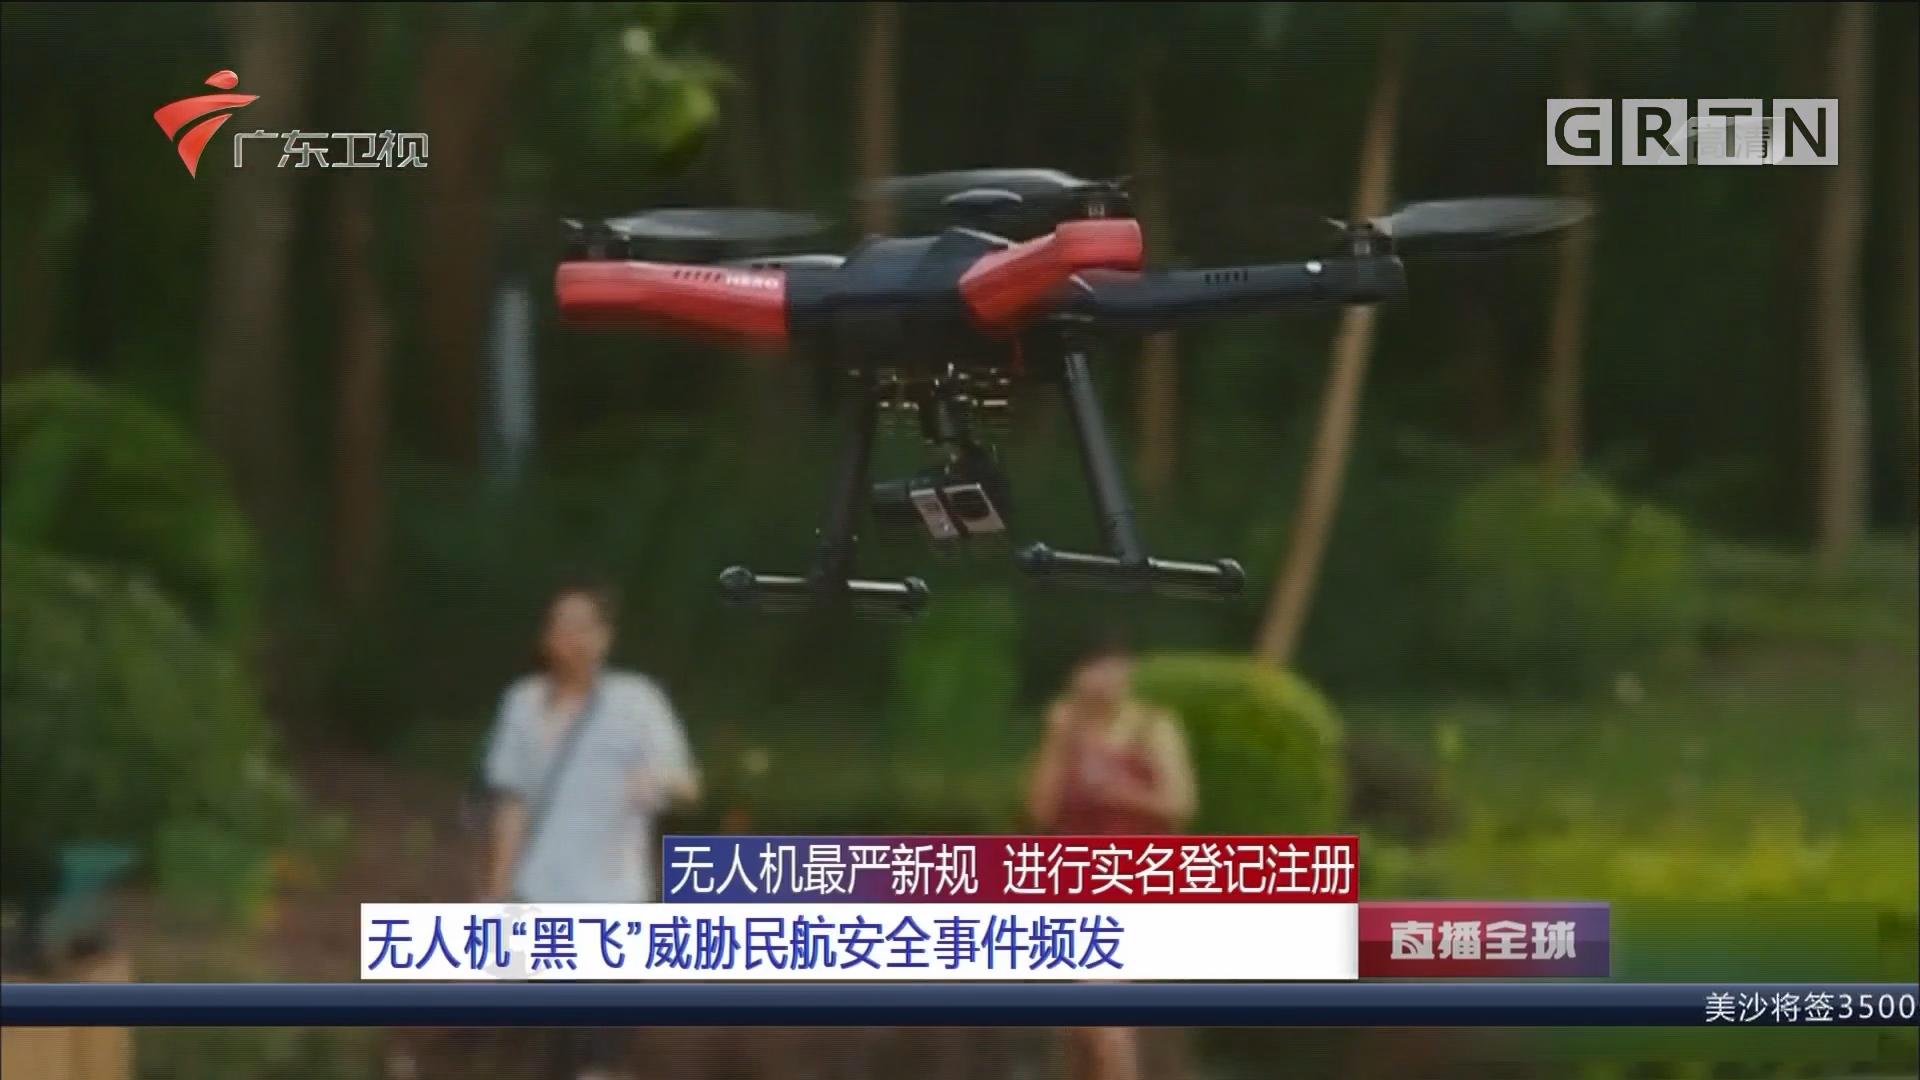 """无人机最严新规 进行实名登记注册 无人机""""黑飞""""威胁民航安全事件频发"""